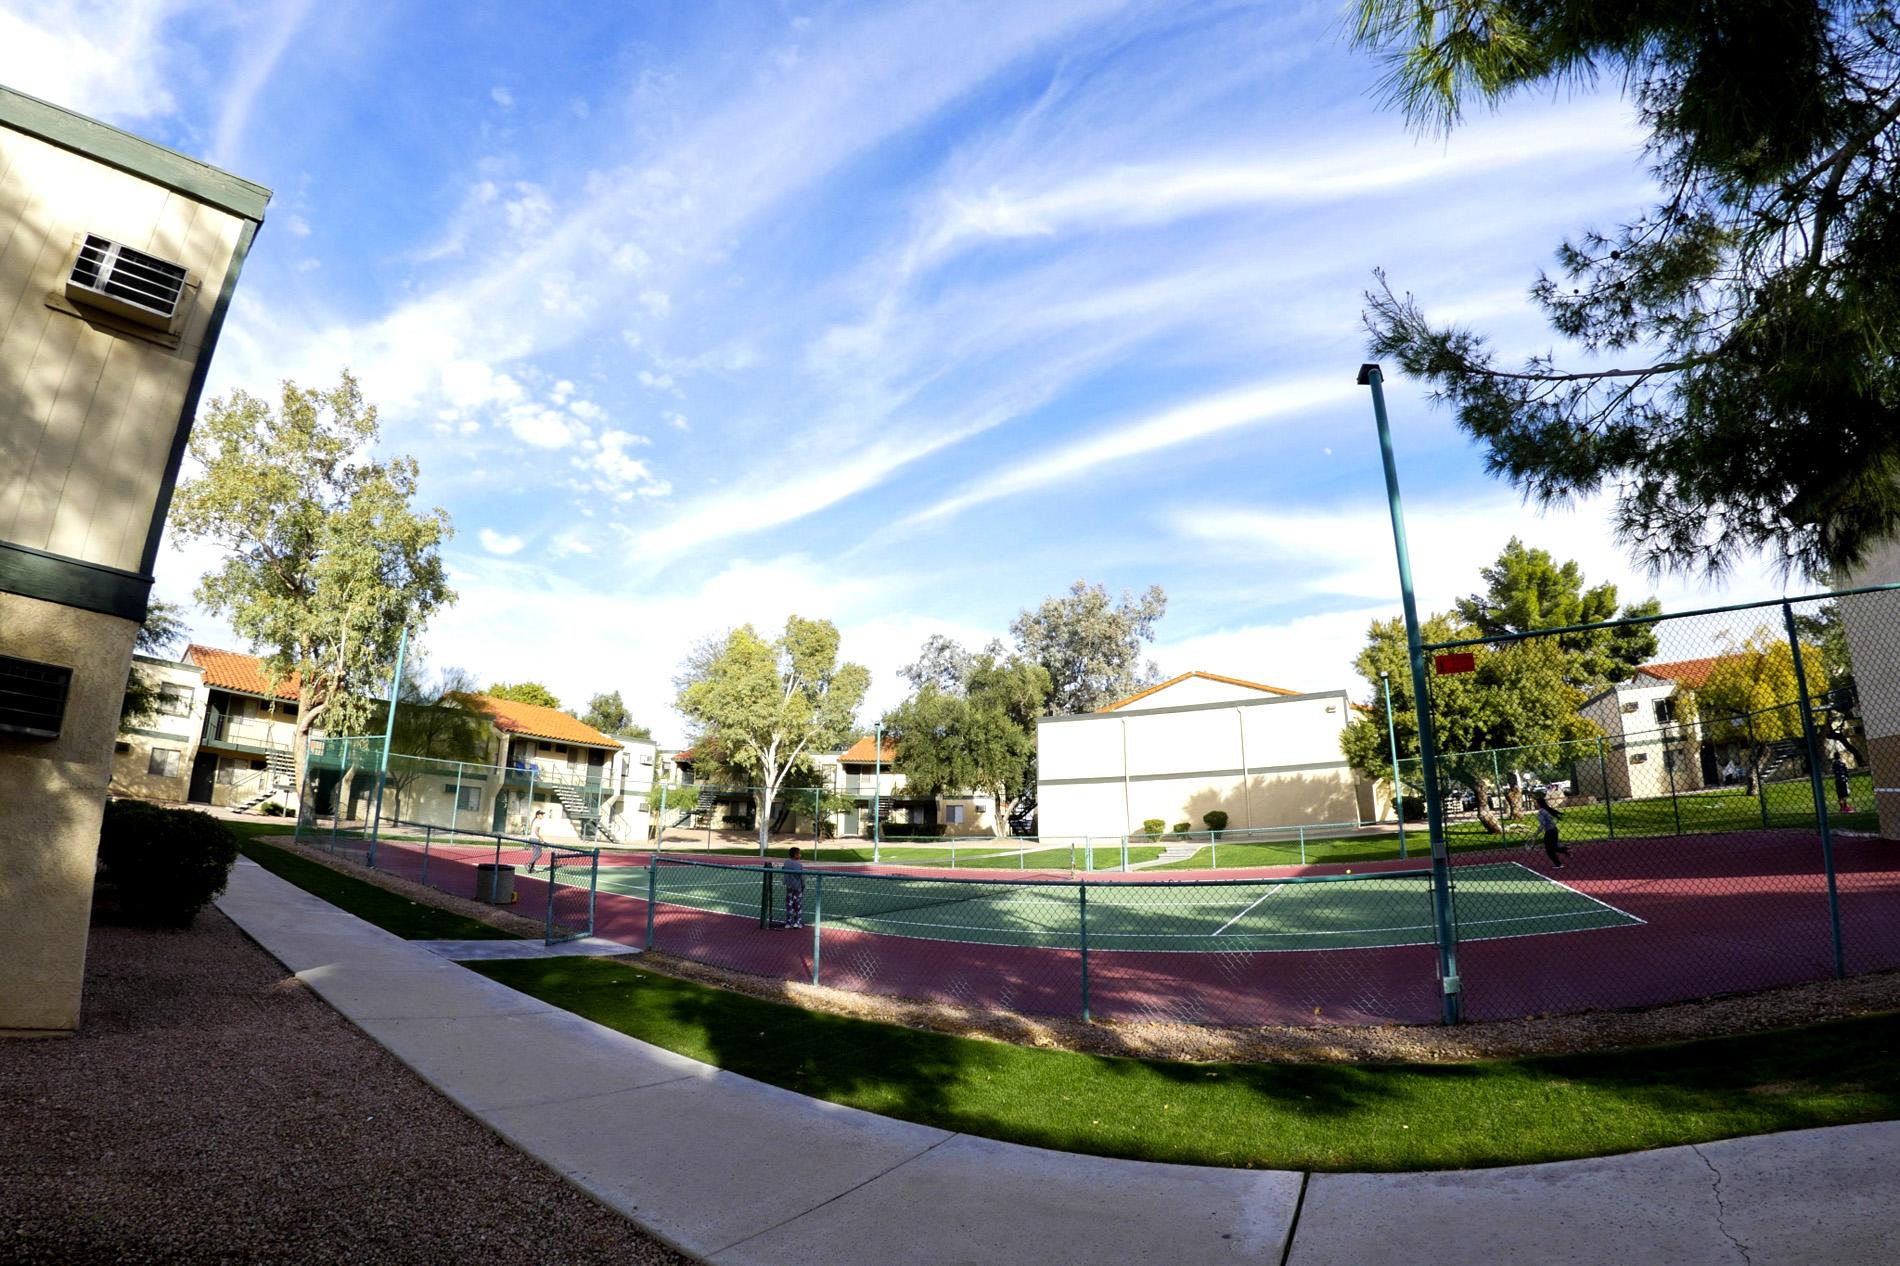 Tucson photogallery 9